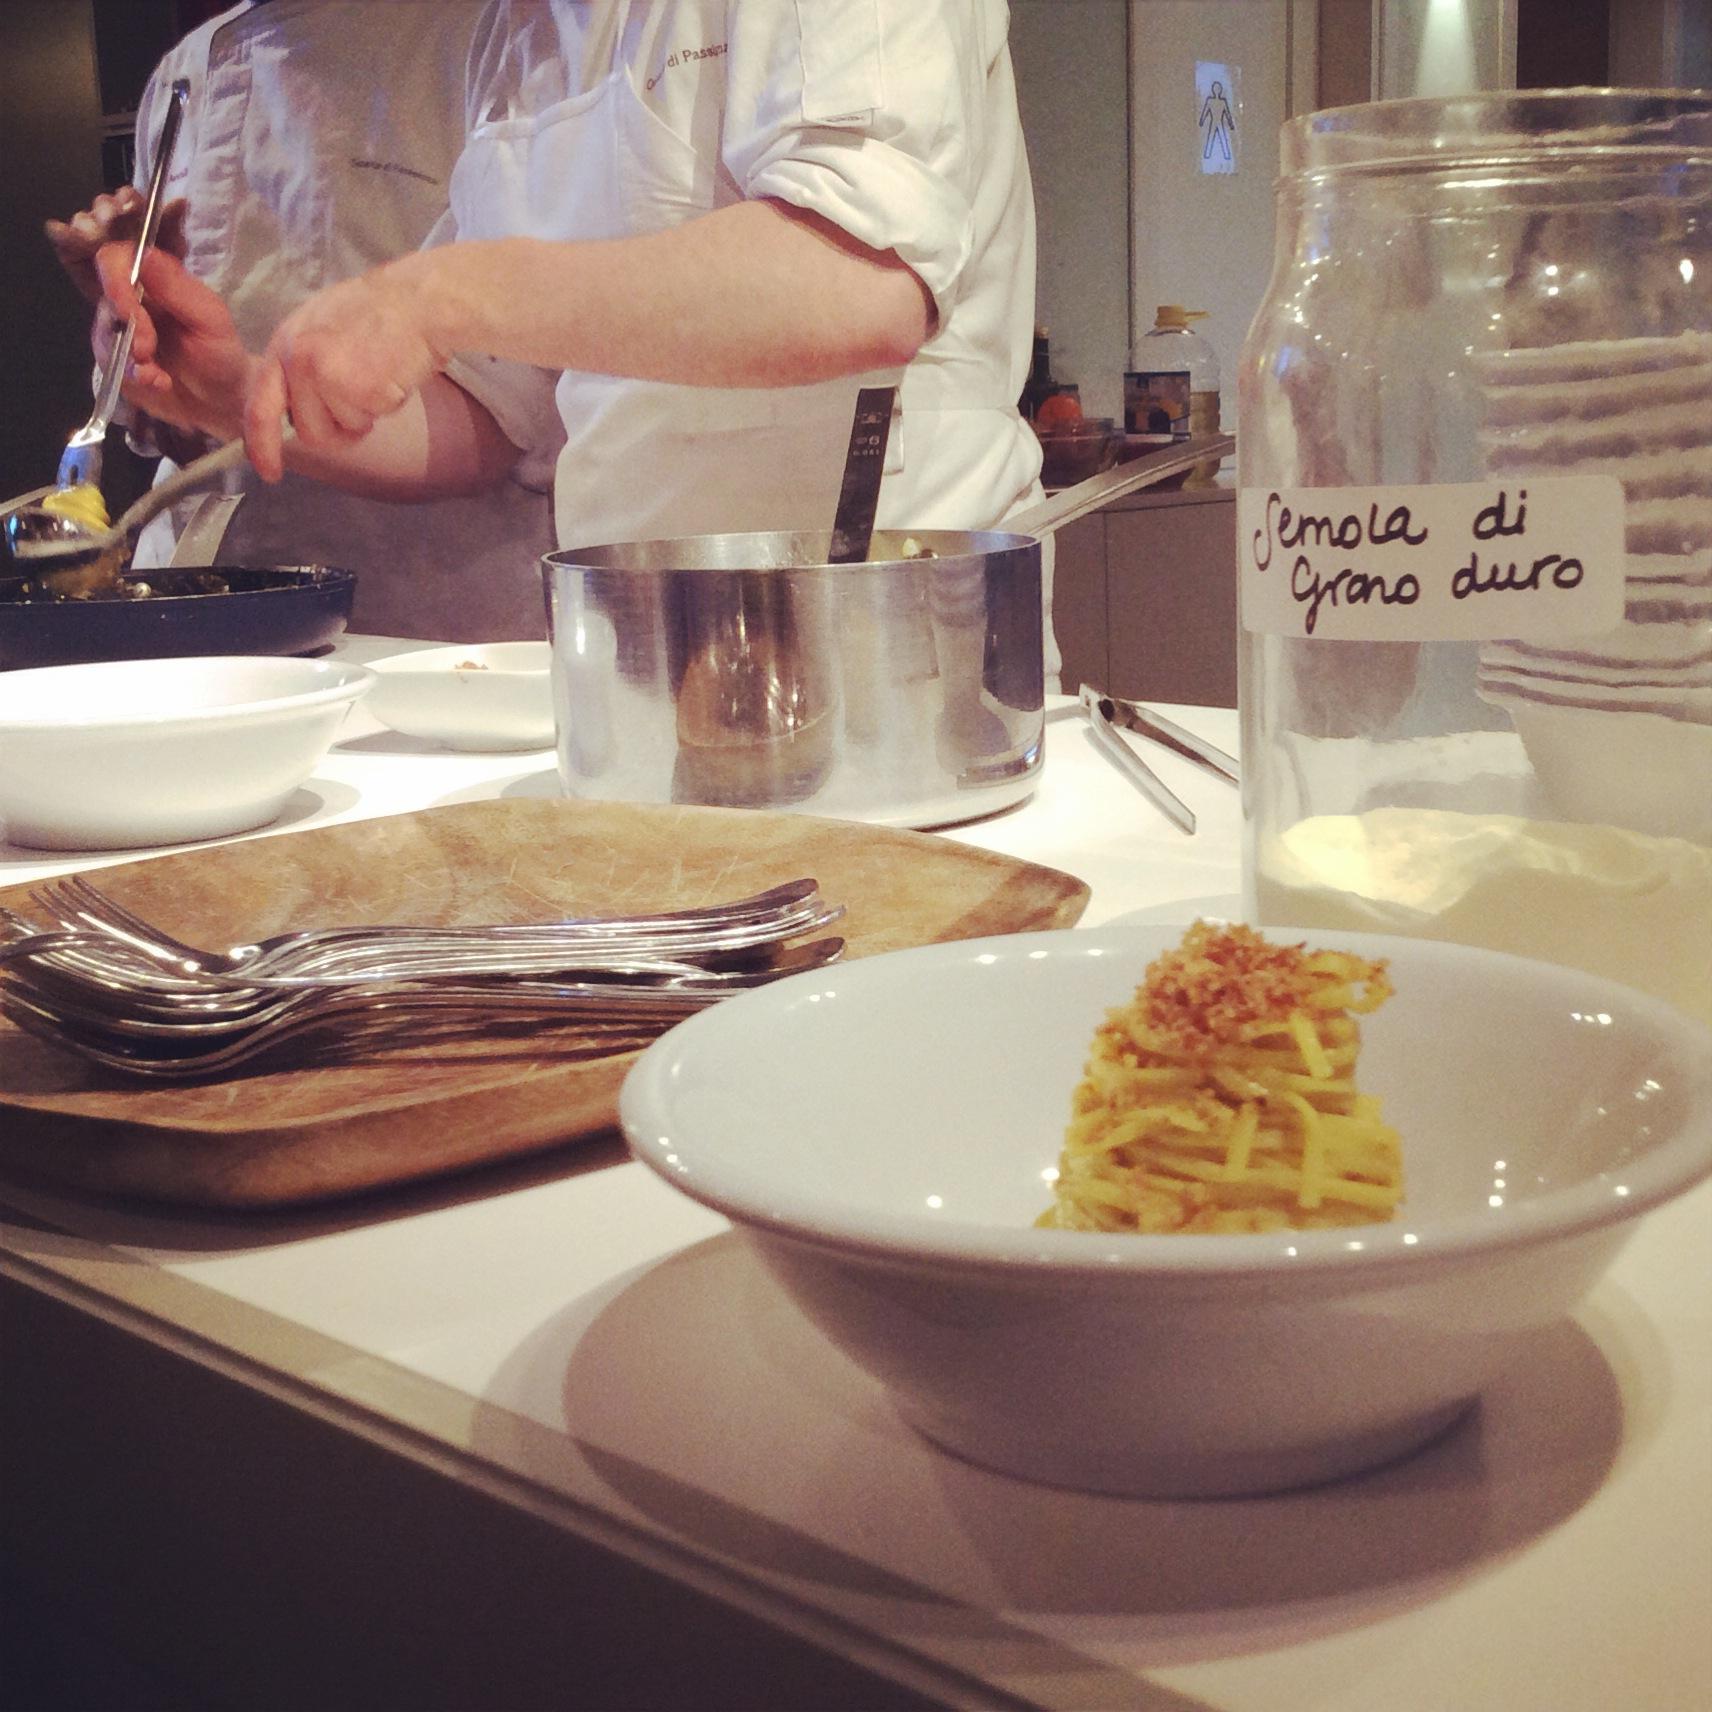 matia barciulli-chef-osteria di passignano-chianti-stelel michelin-non-sidice-piacere-blog-bon-ton-interviste - Il vero segreto